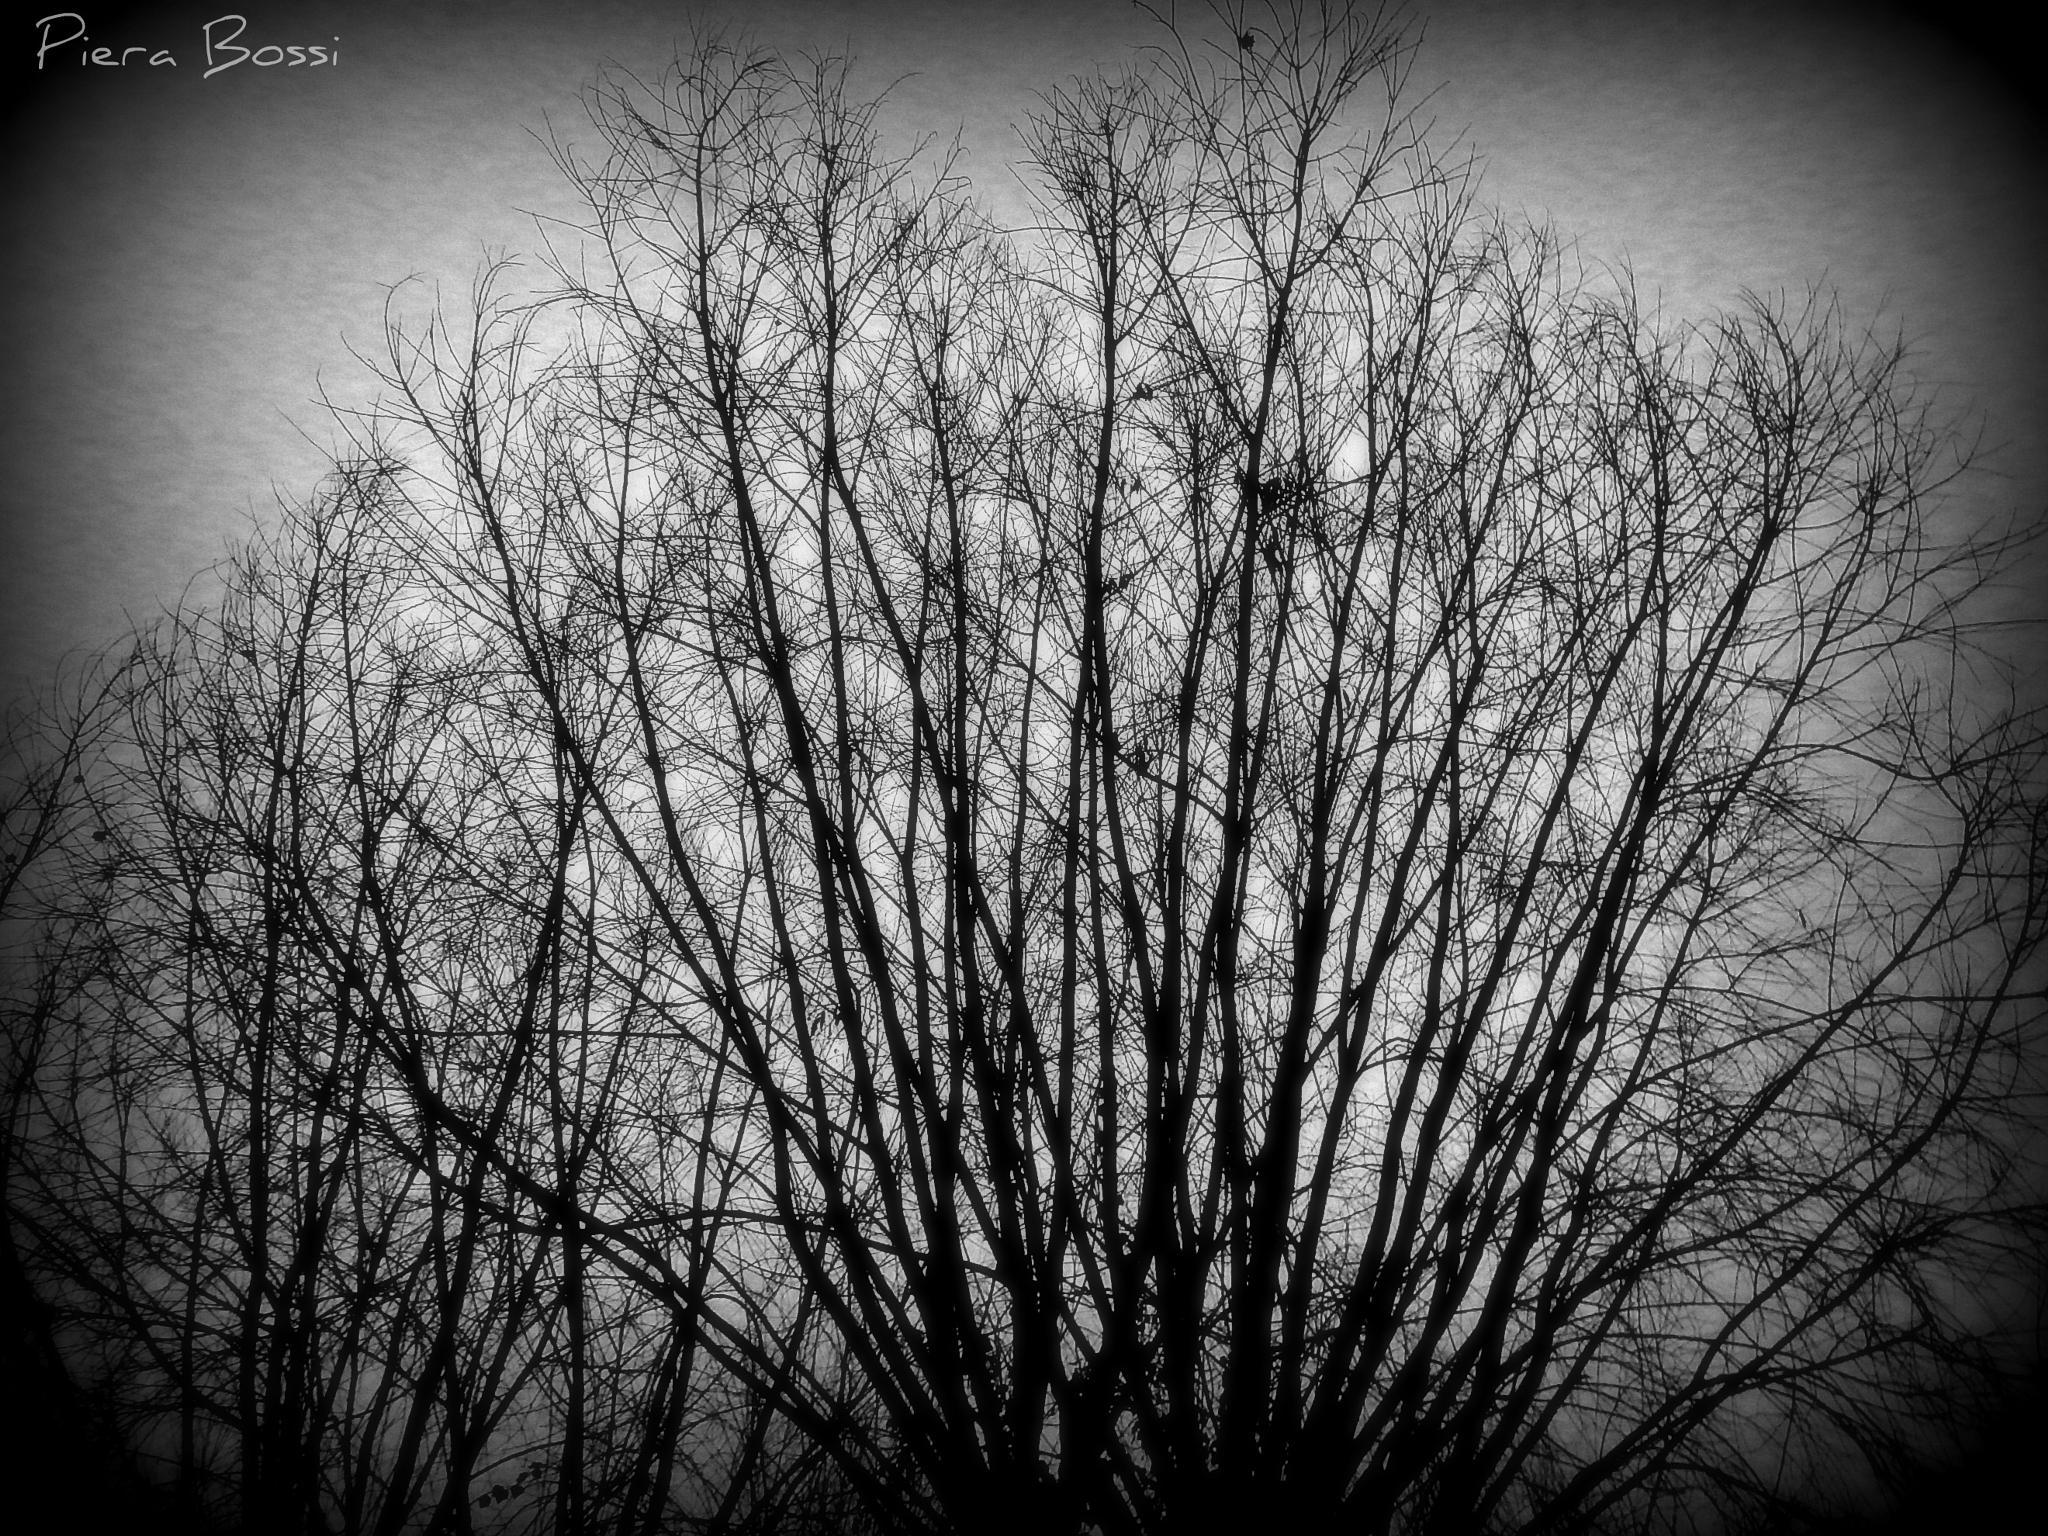 Rami nel buio by Piera Bossi